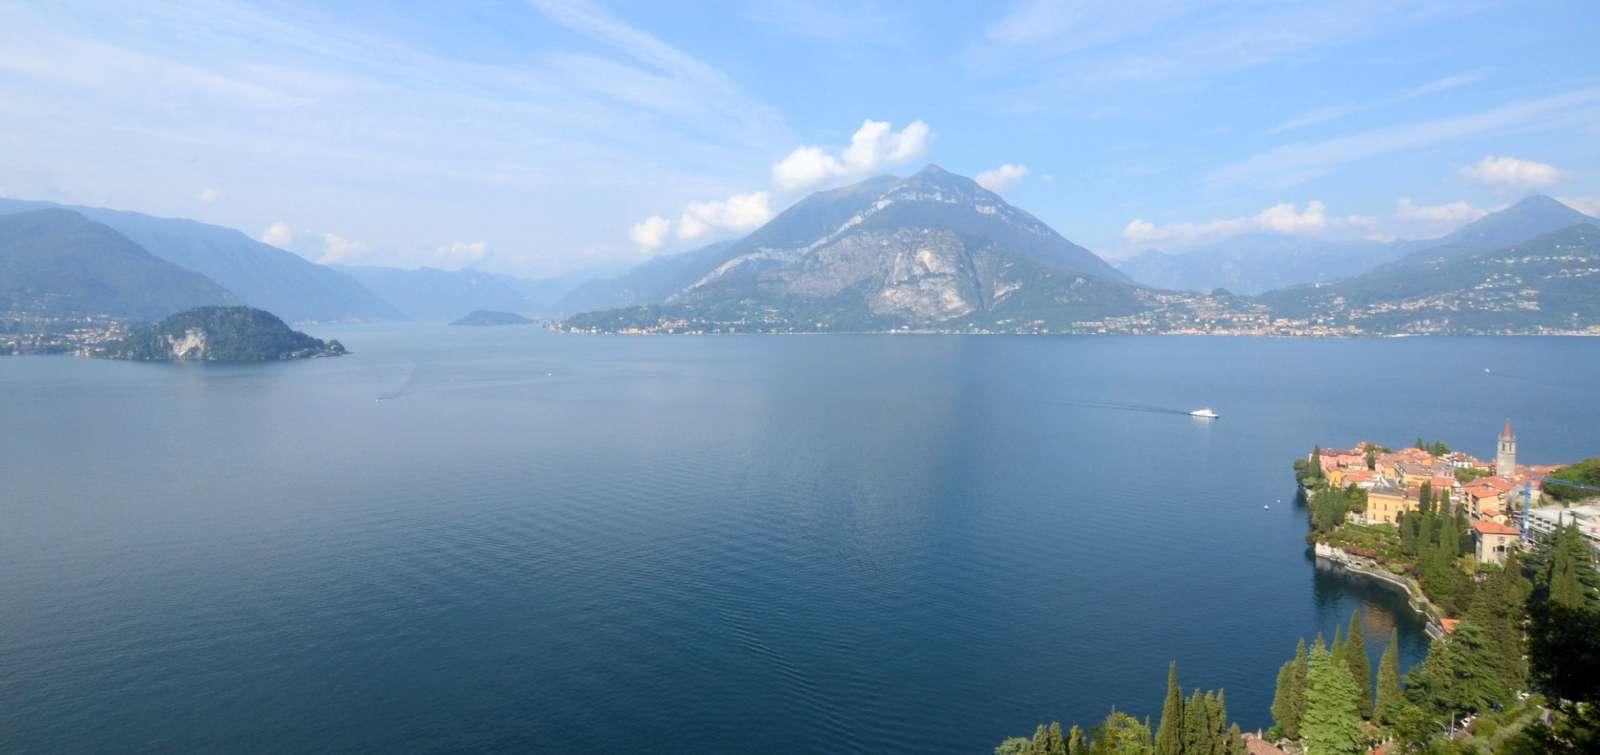 Comosøens dramatiske landskab og indbydende landsbyer